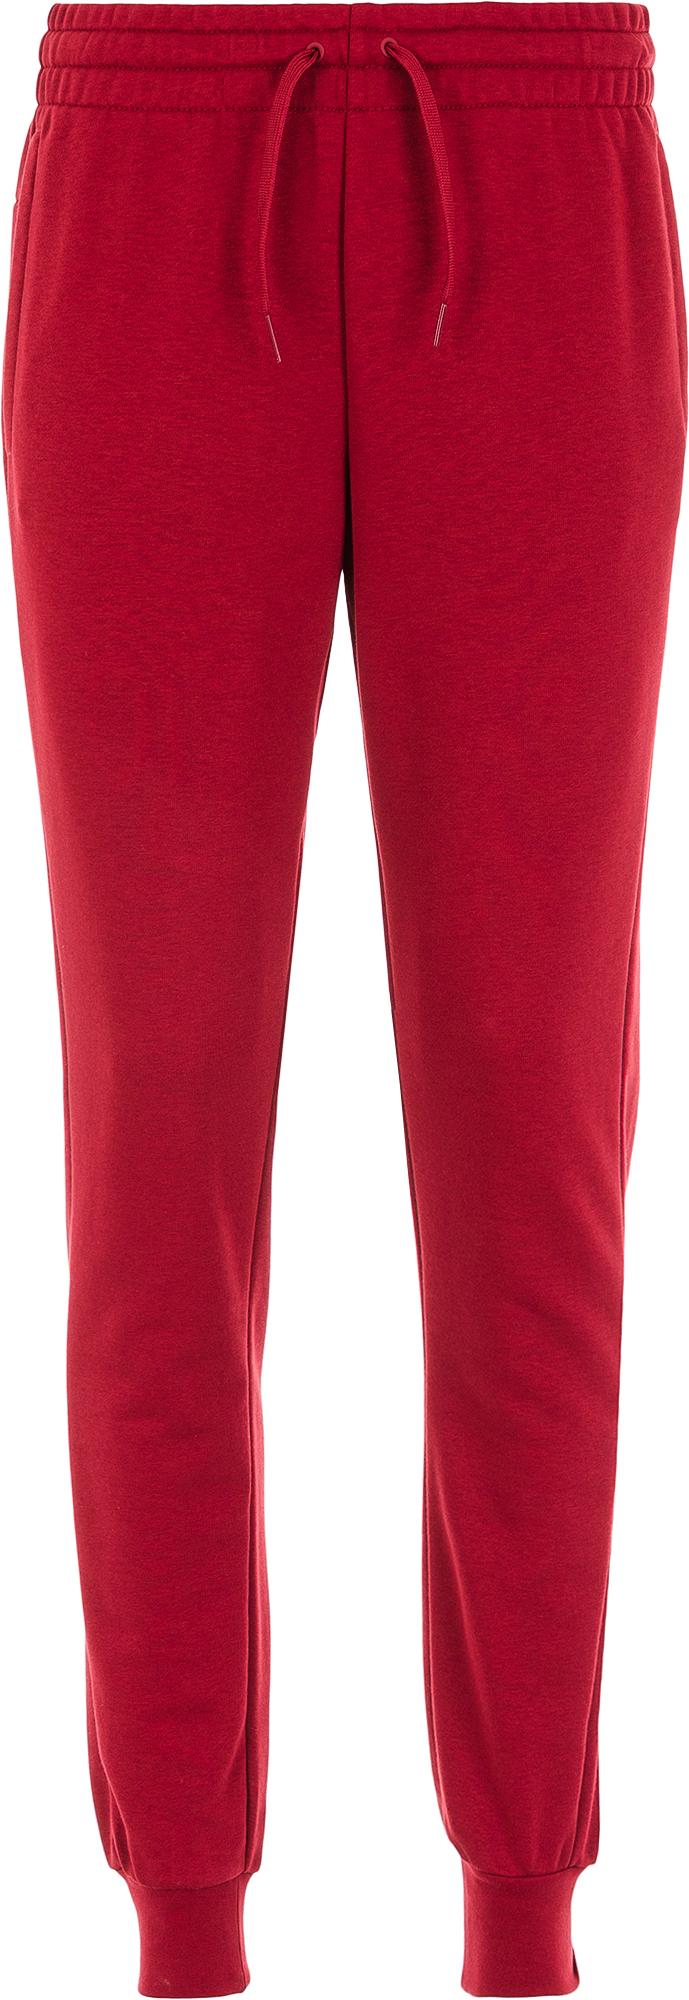 Adidas Брюки женские Essentials, размер 42-44